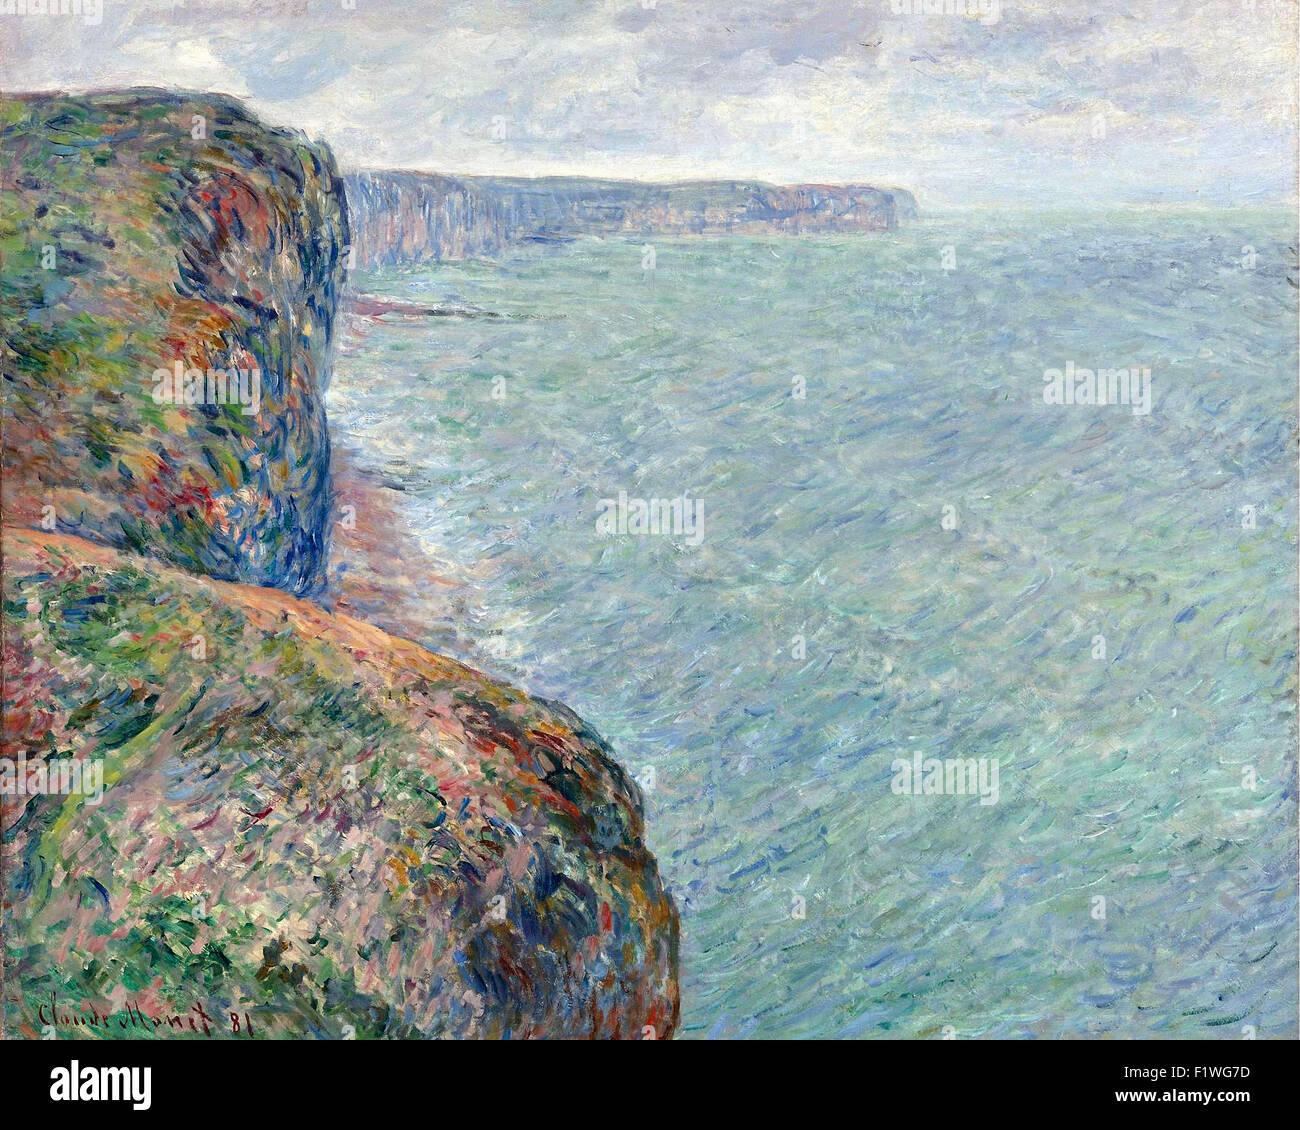 Claude Monet - La Mer vue des falaises - Stock Image